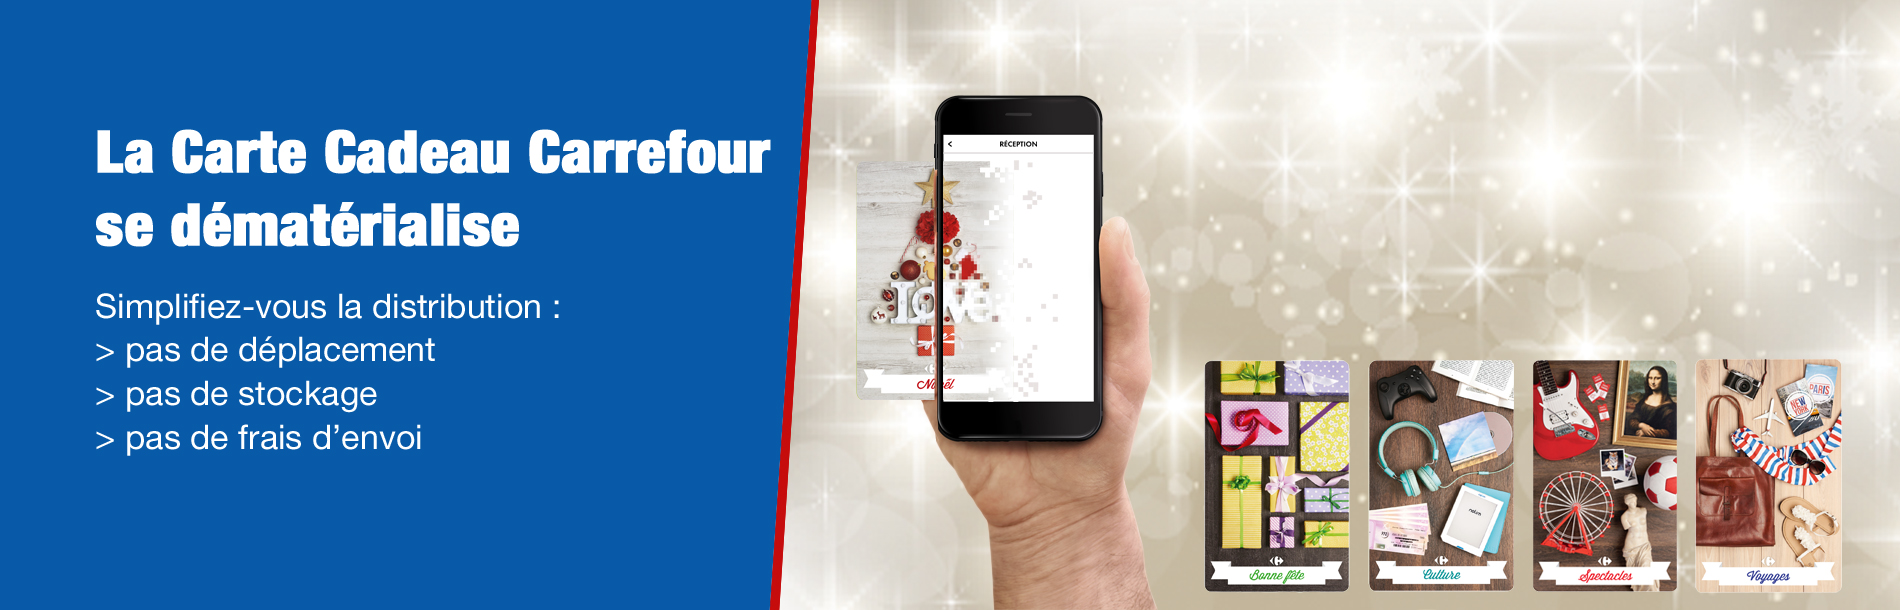 Cartes Cadeaux Carrefour Carrefour Pro